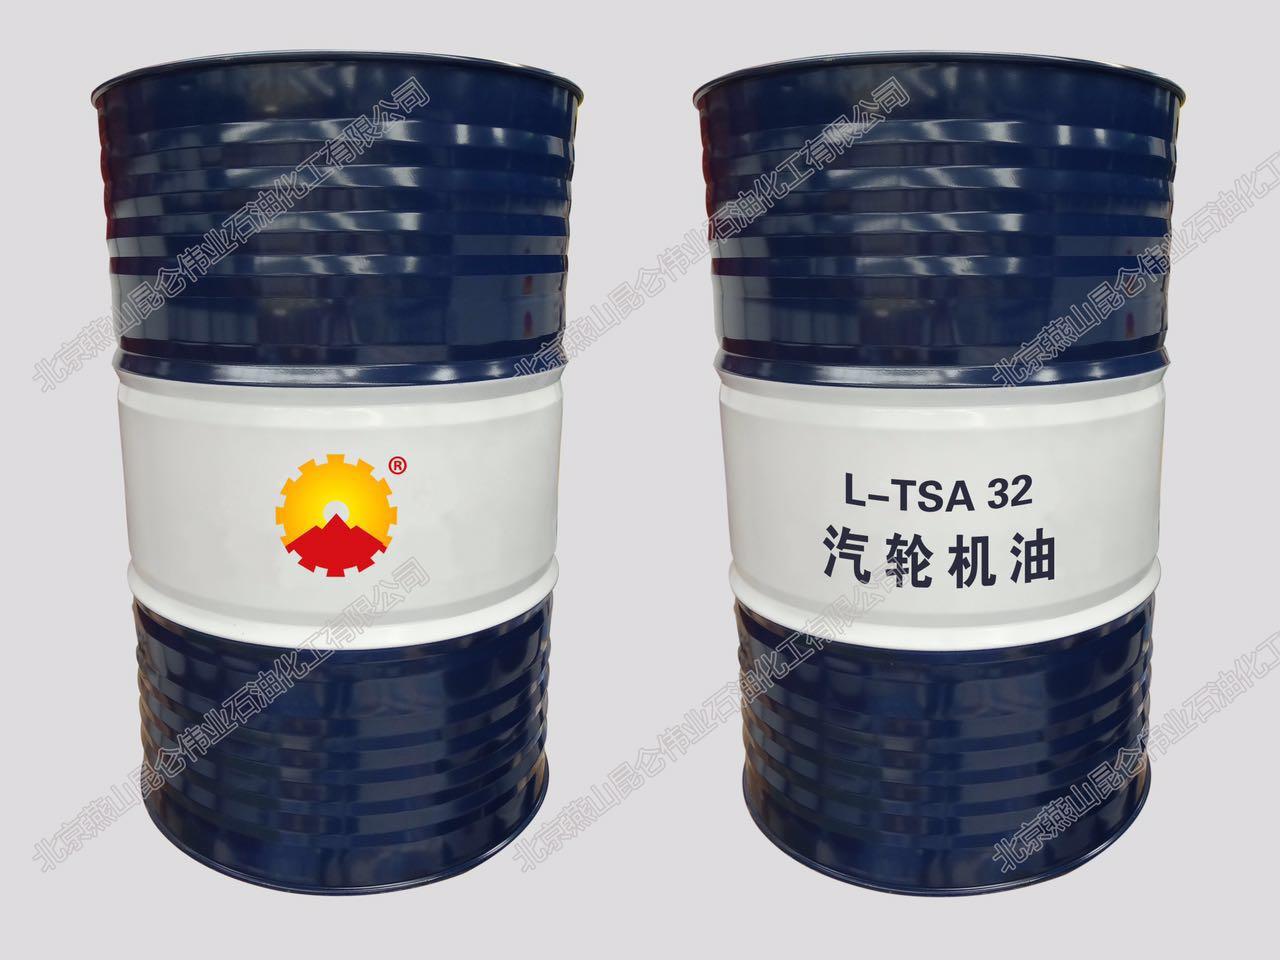 昆仑抗氧防锈汽轮机油L-TSA 46